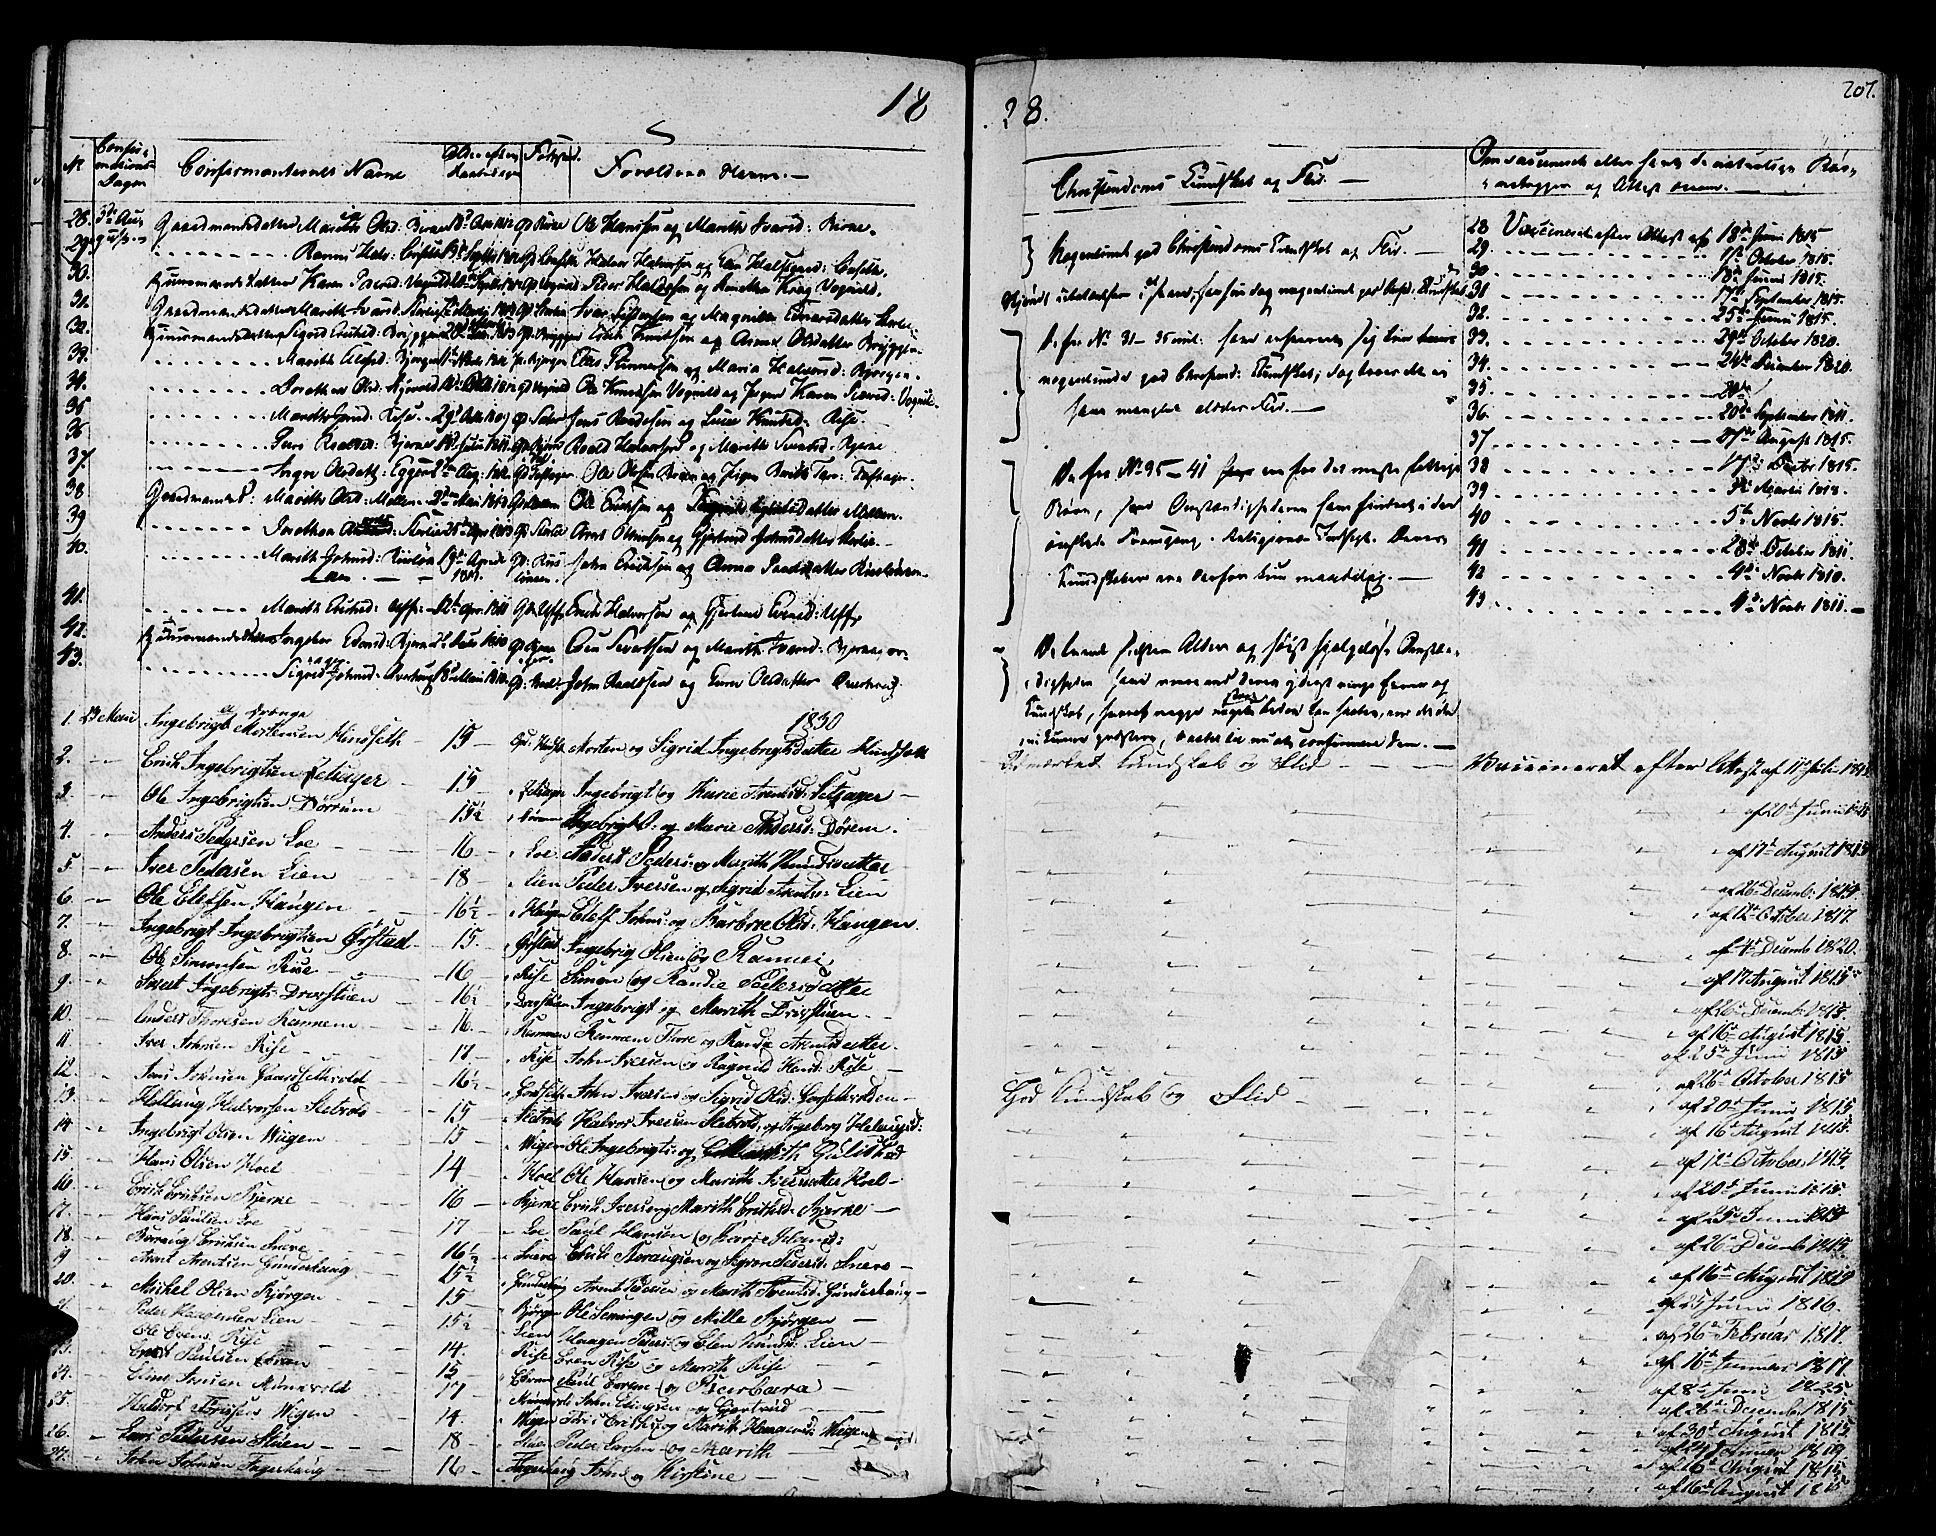 SAT, Ministerialprotokoller, klokkerbøker og fødselsregistre - Sør-Trøndelag, 678/L0897: Ministerialbok nr. 678A06-07, 1821-1847, s. 207